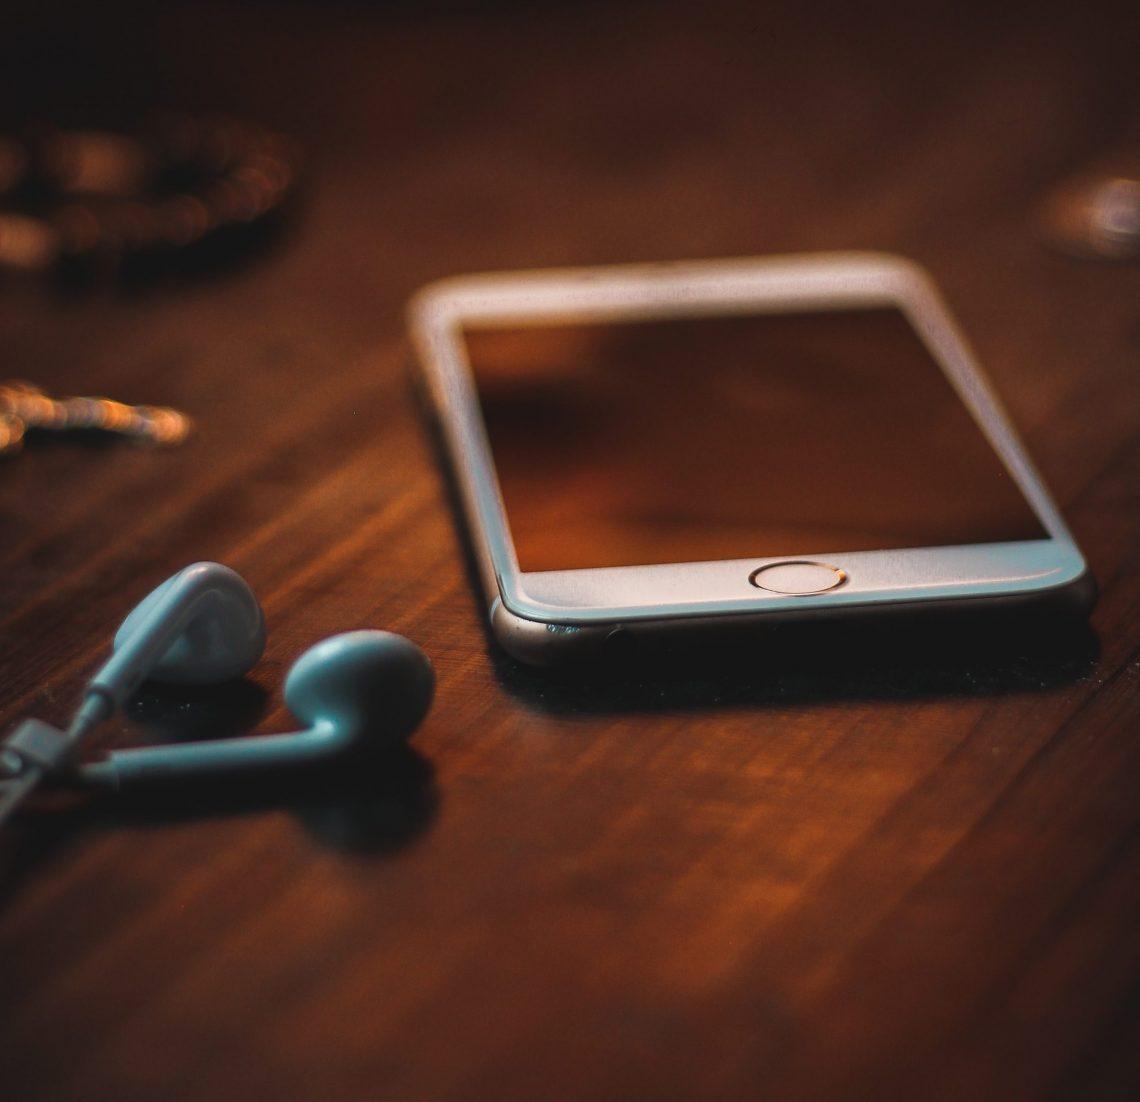 telefonen er ikke et legetøj, hvorfor den ikke bør leges med